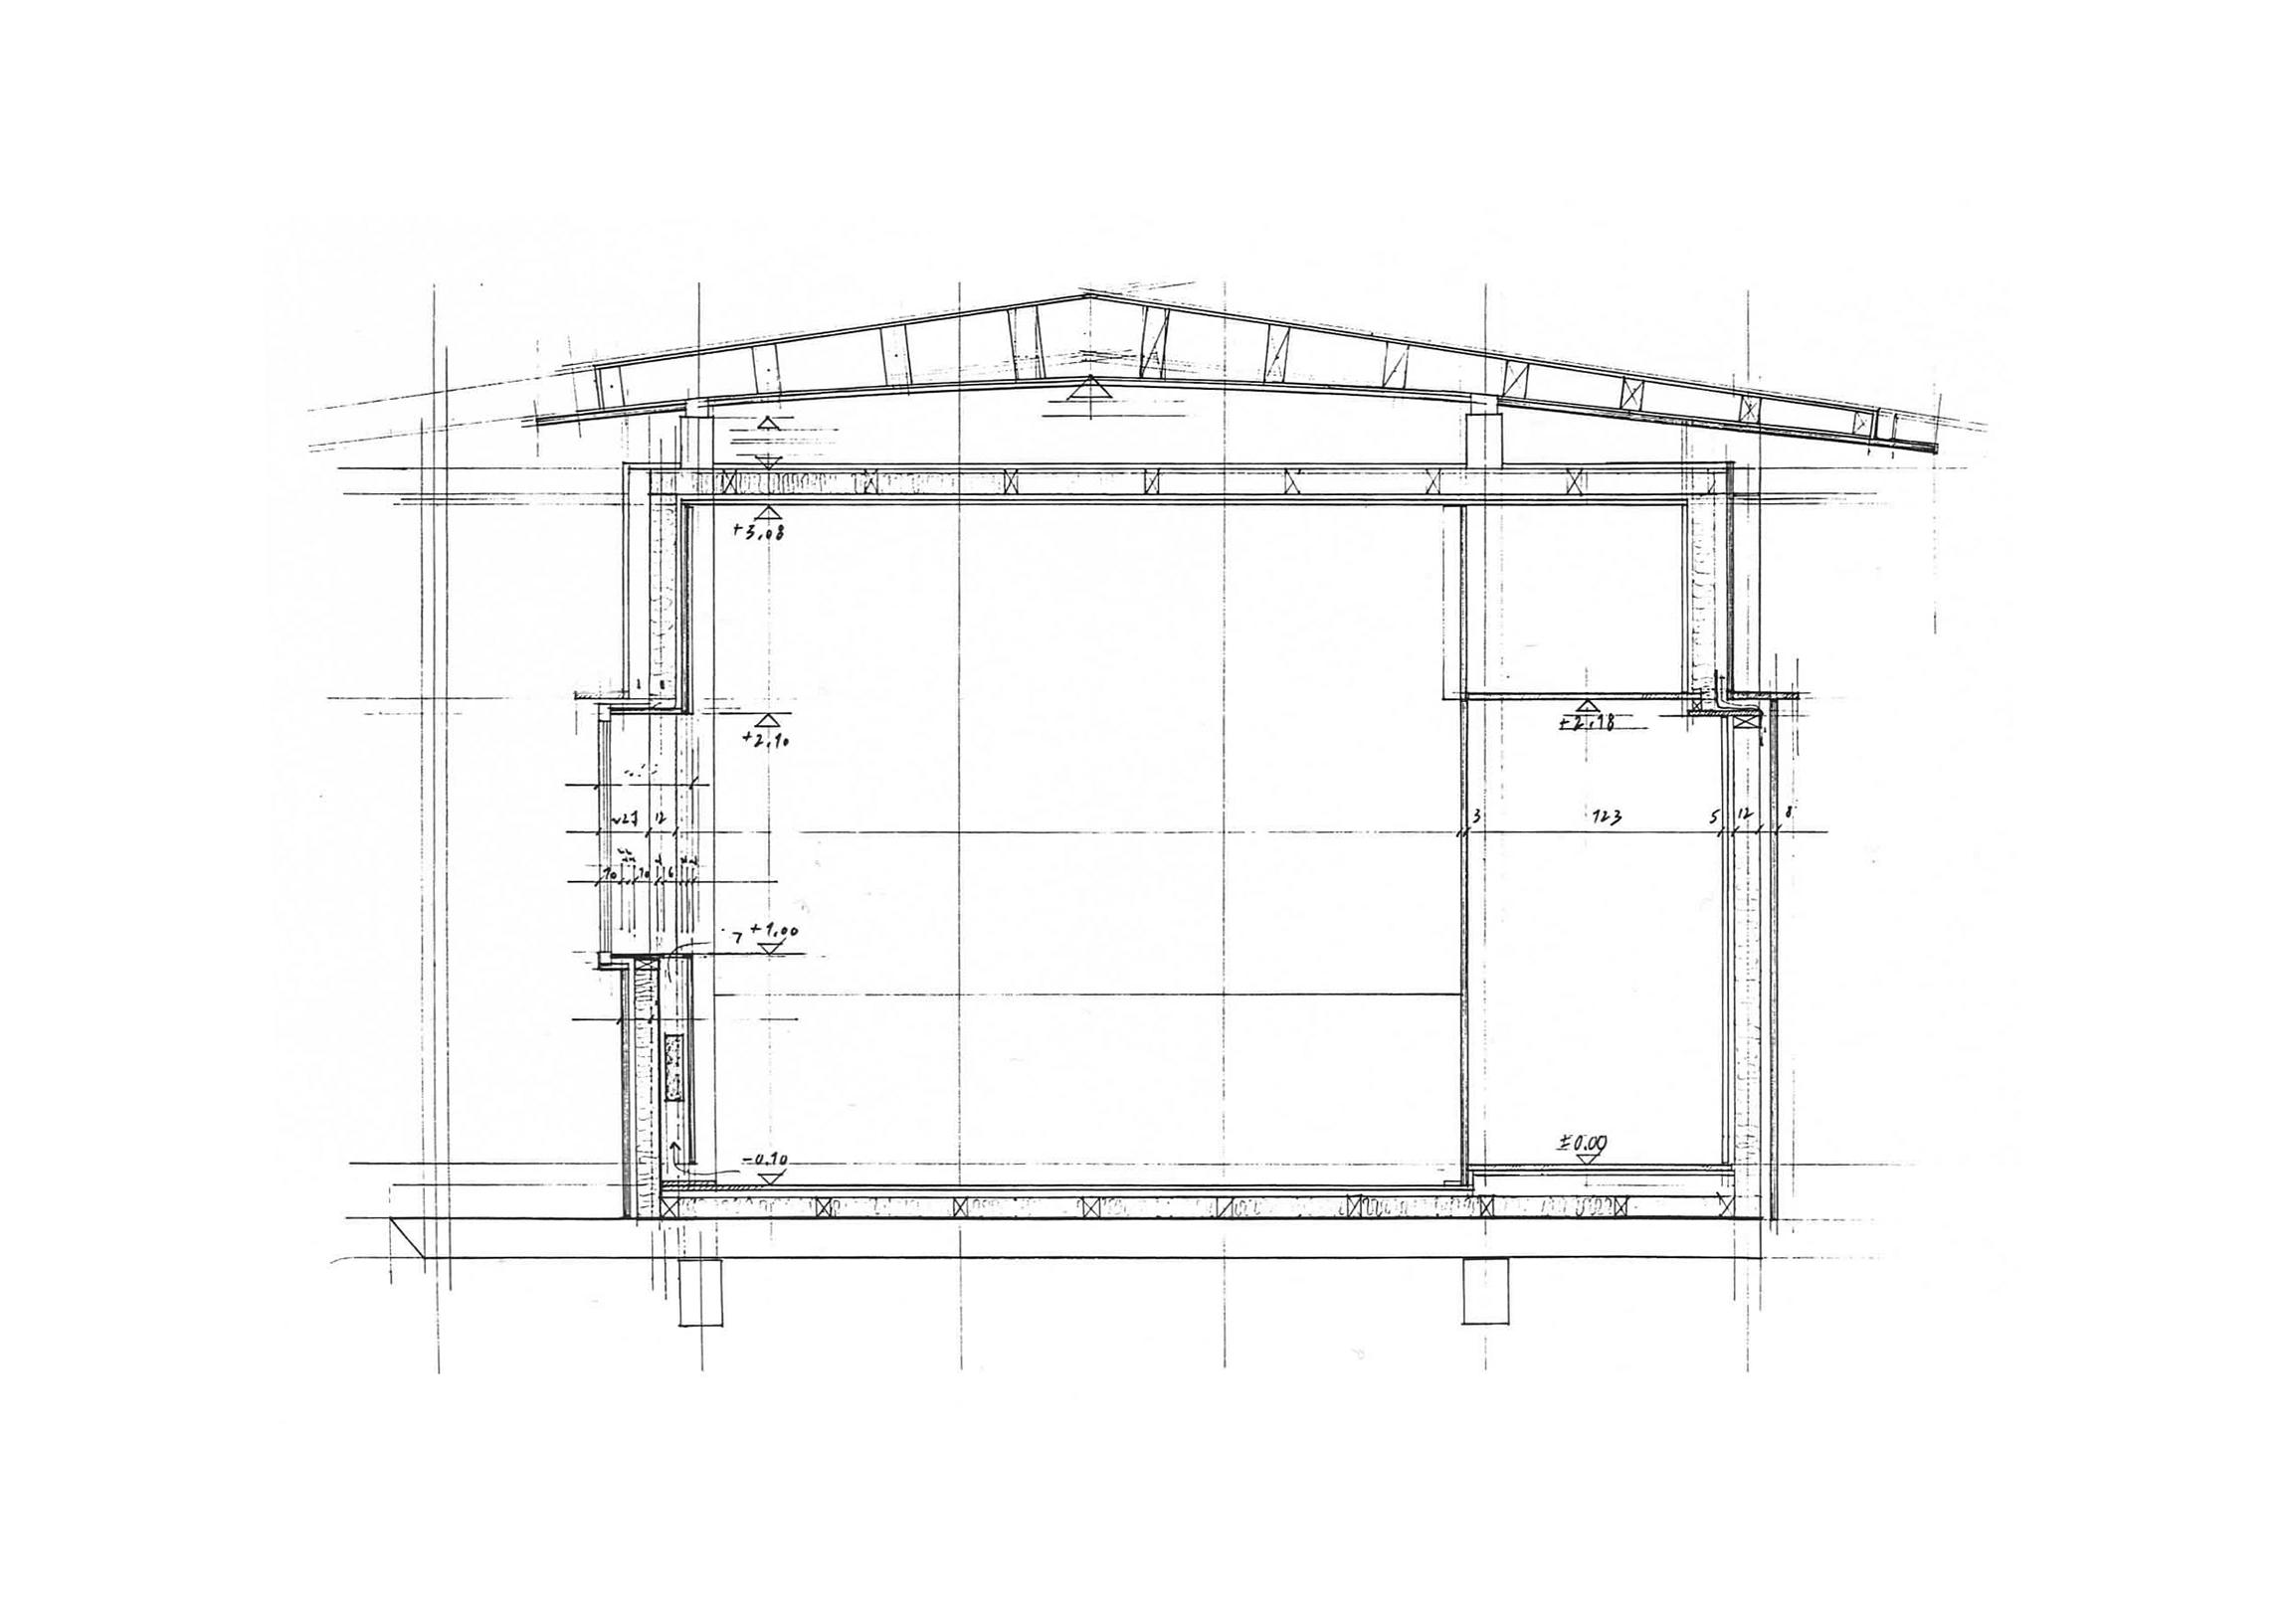 Plywood House by Herzog & de Meuron (556AR) — Atlas of Places